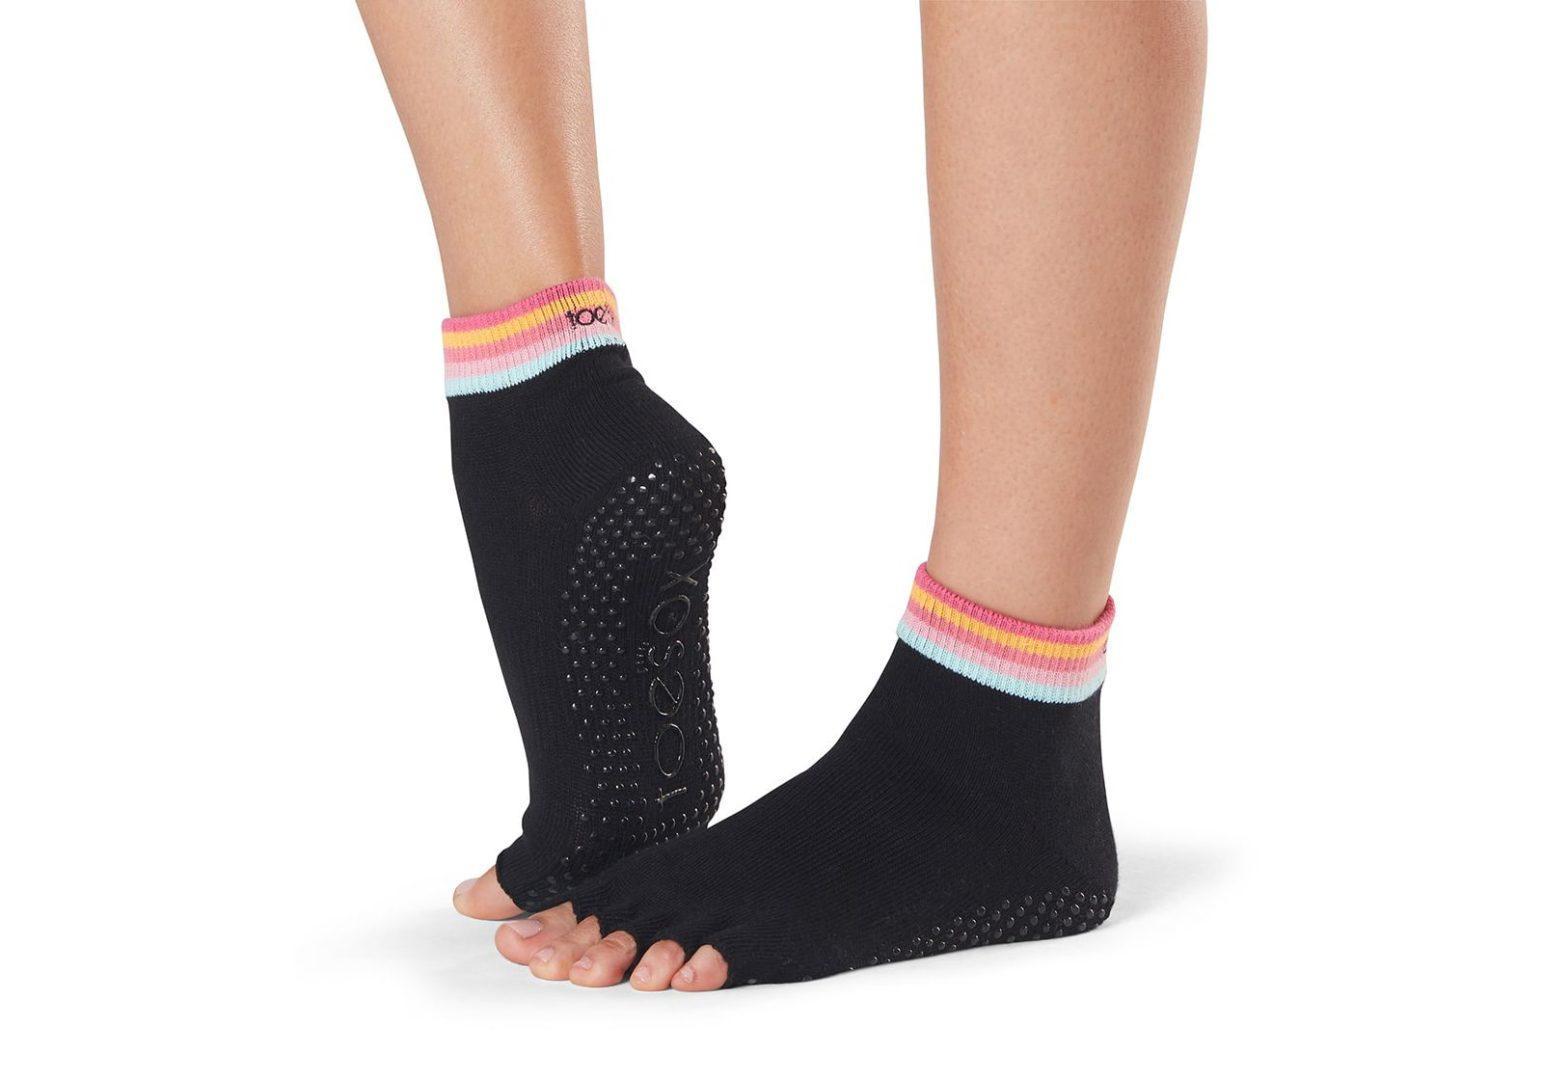 Noski-Dlya-Yogi-Half-Half-Toe-Ankle-Grip_Retro_1.jpg